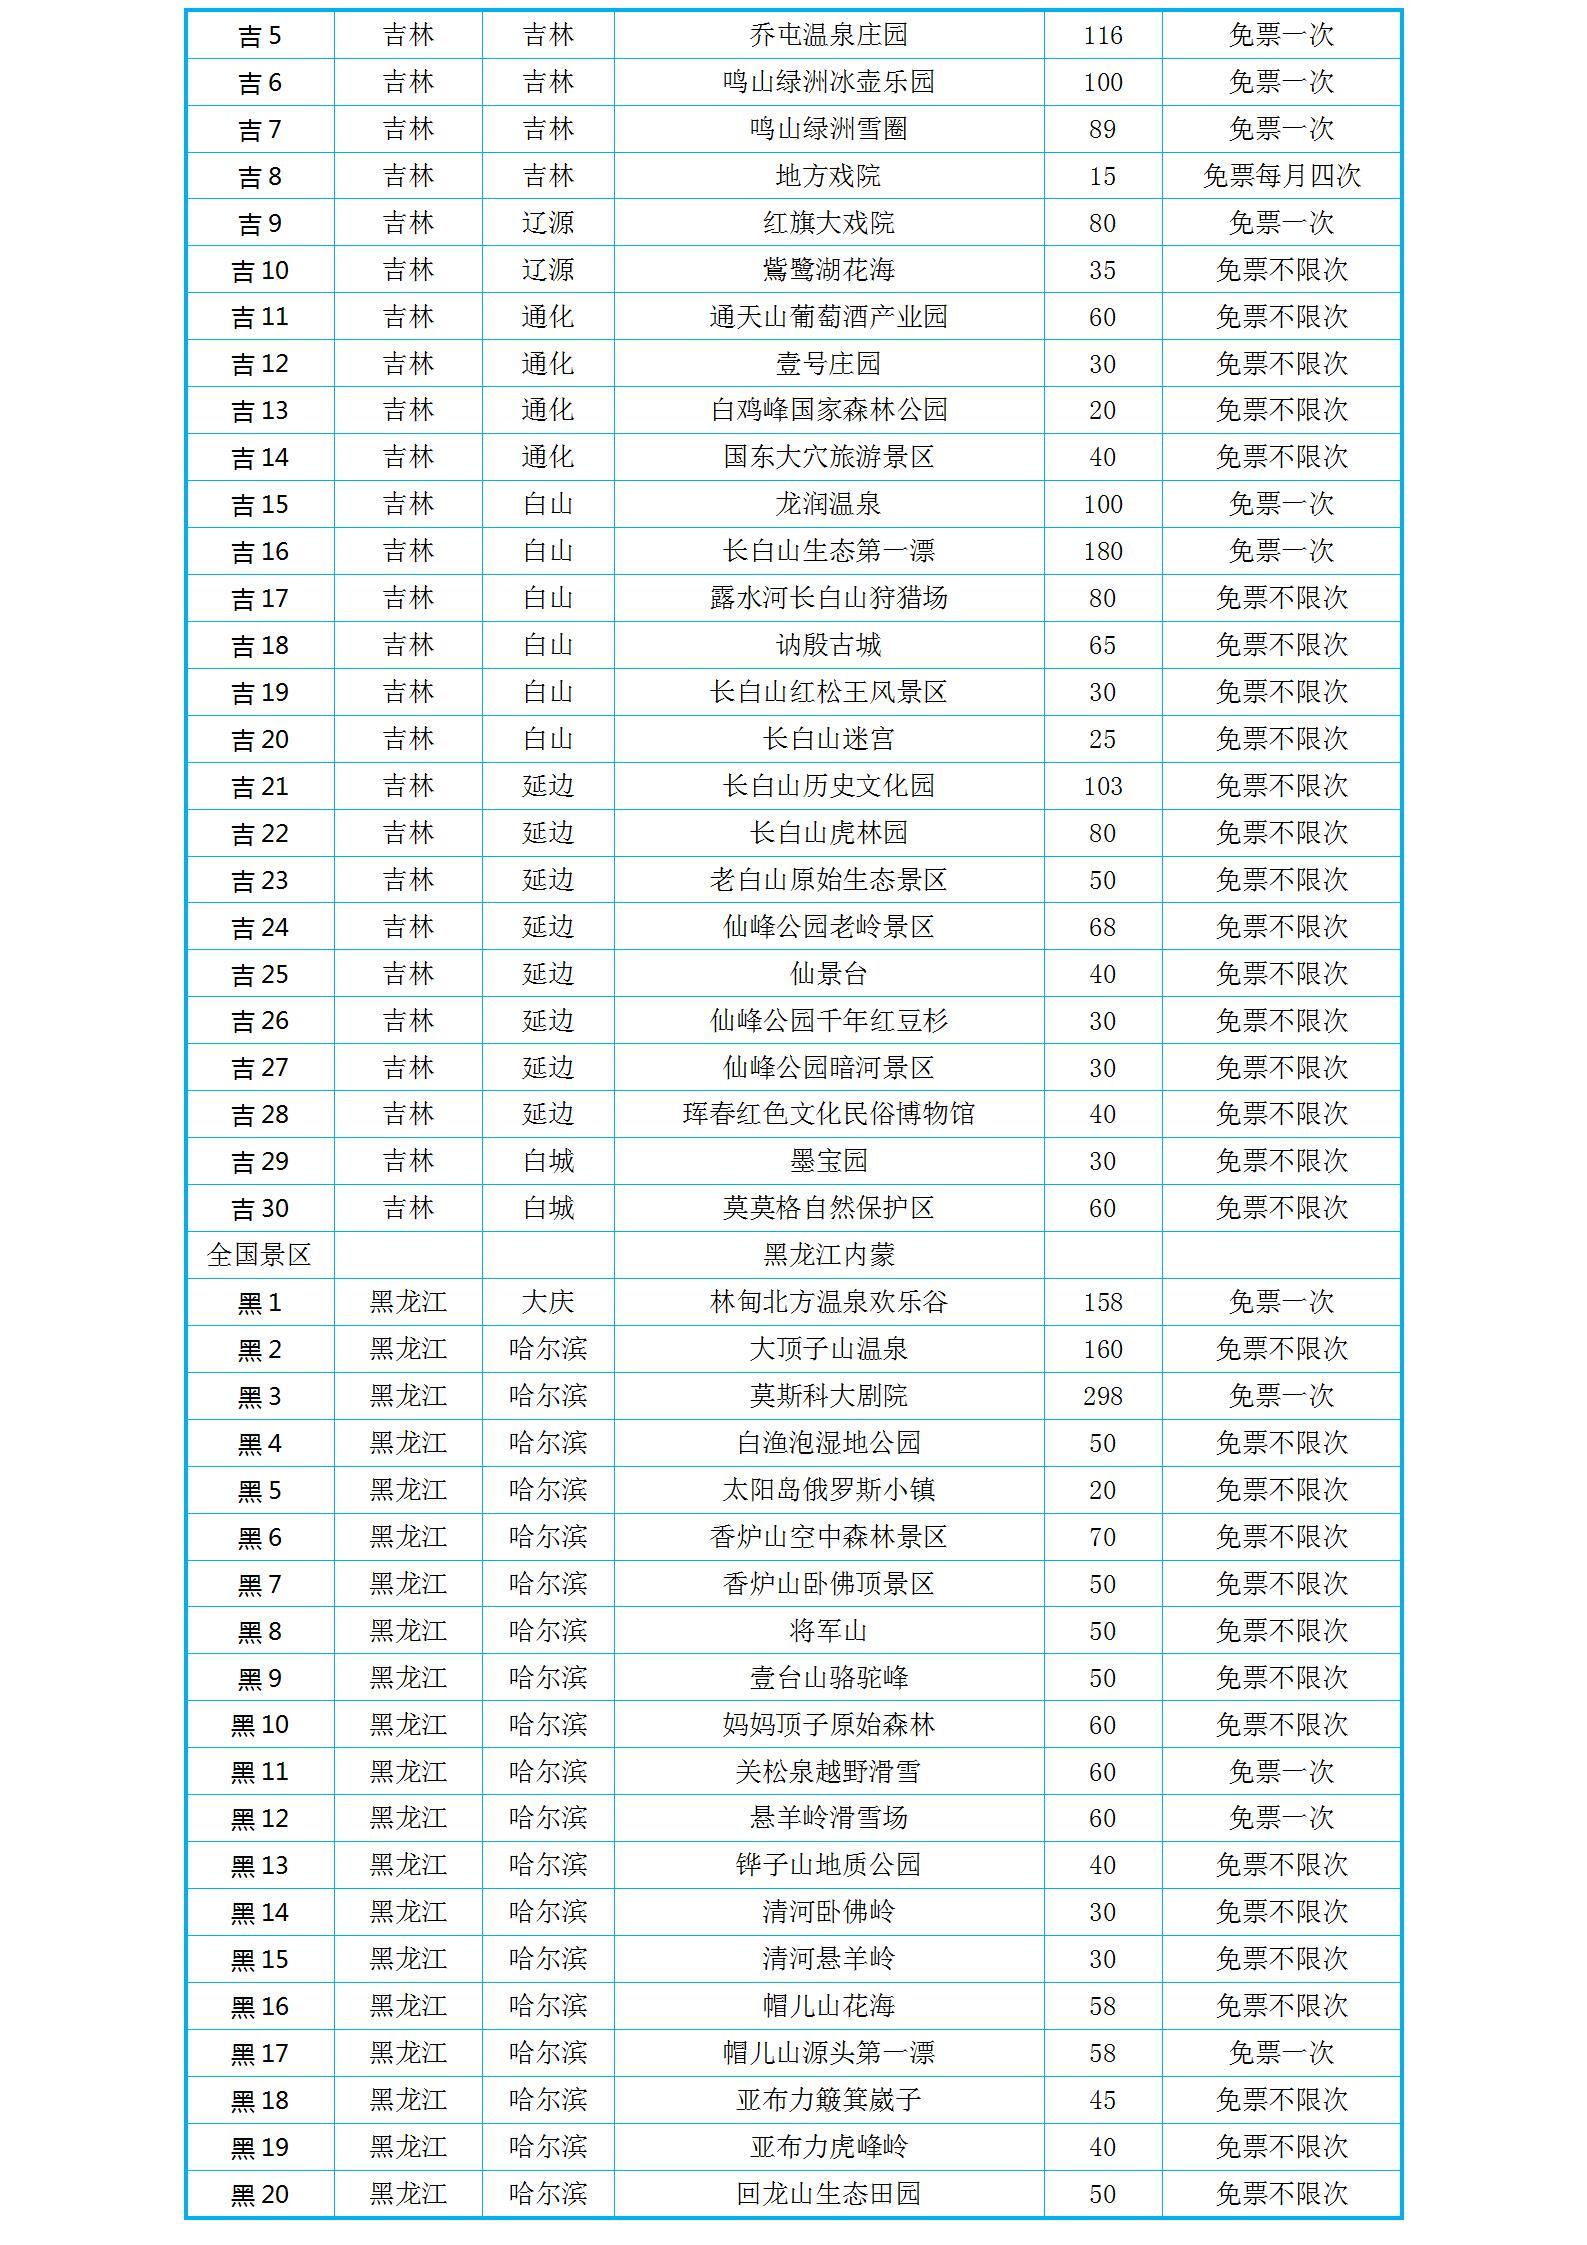 2019年锦绣江山全国旅游年票北京版场馆名单_16.jpg